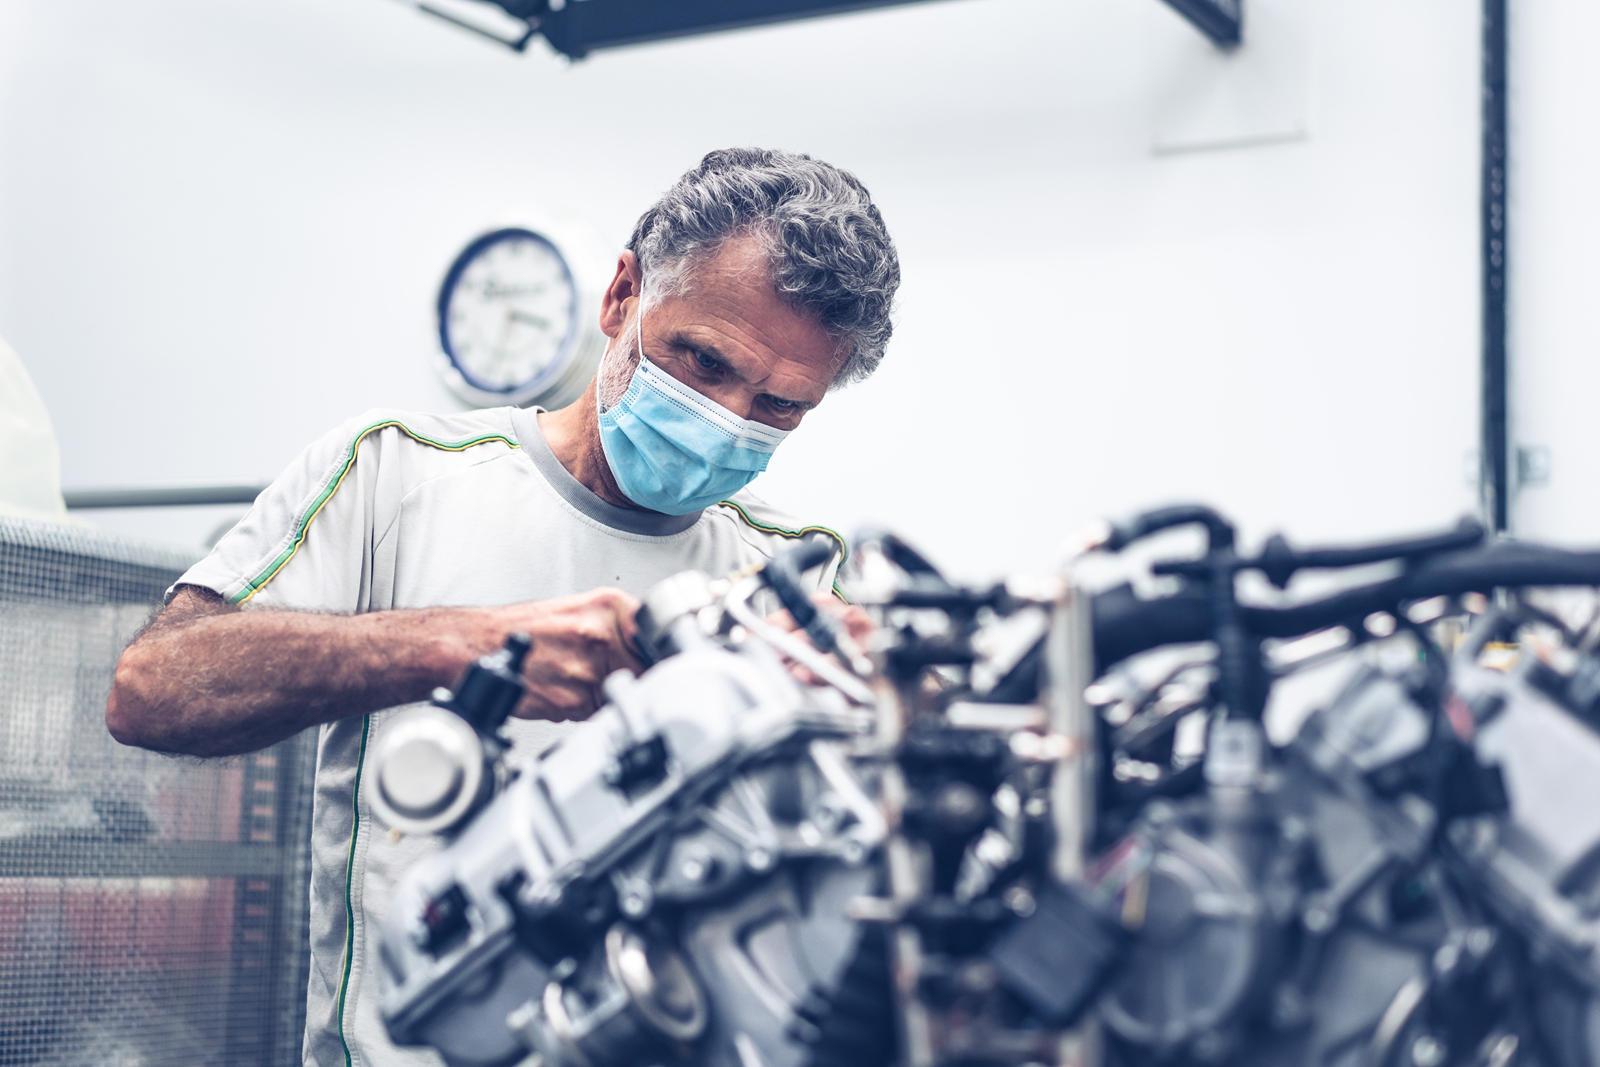 С тех пор, как он был представлен на прошлогодней онлайн-выставке в Женеве, Bentley Bacalar стоимостью 140 млн рублей прошел тщательные испытания, чтобы убедиться, что он соответствует высоким стандартам клиентов. Bacalar, разработанный подразделение